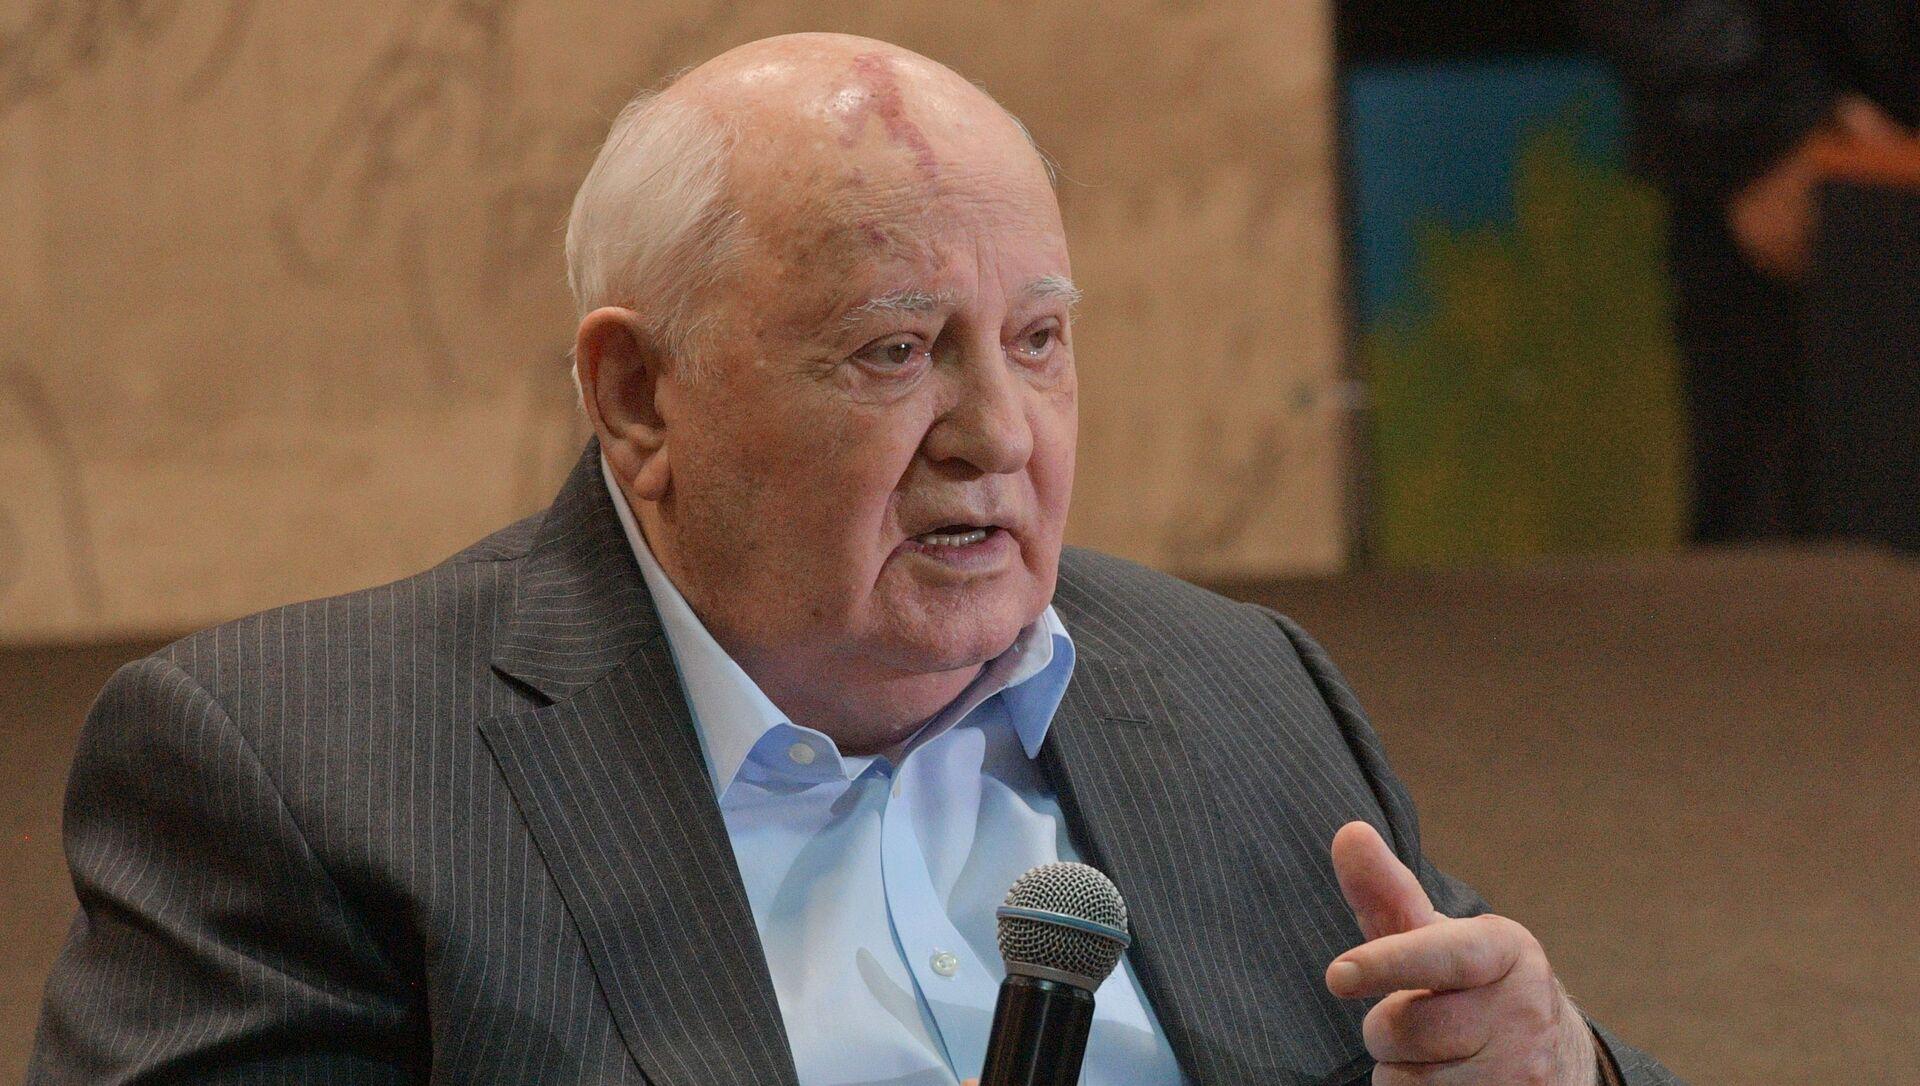 L'ancien Président de l'URSS Mikhaïl Gorbatchev - Sputnik France, 1920, 17.08.2021